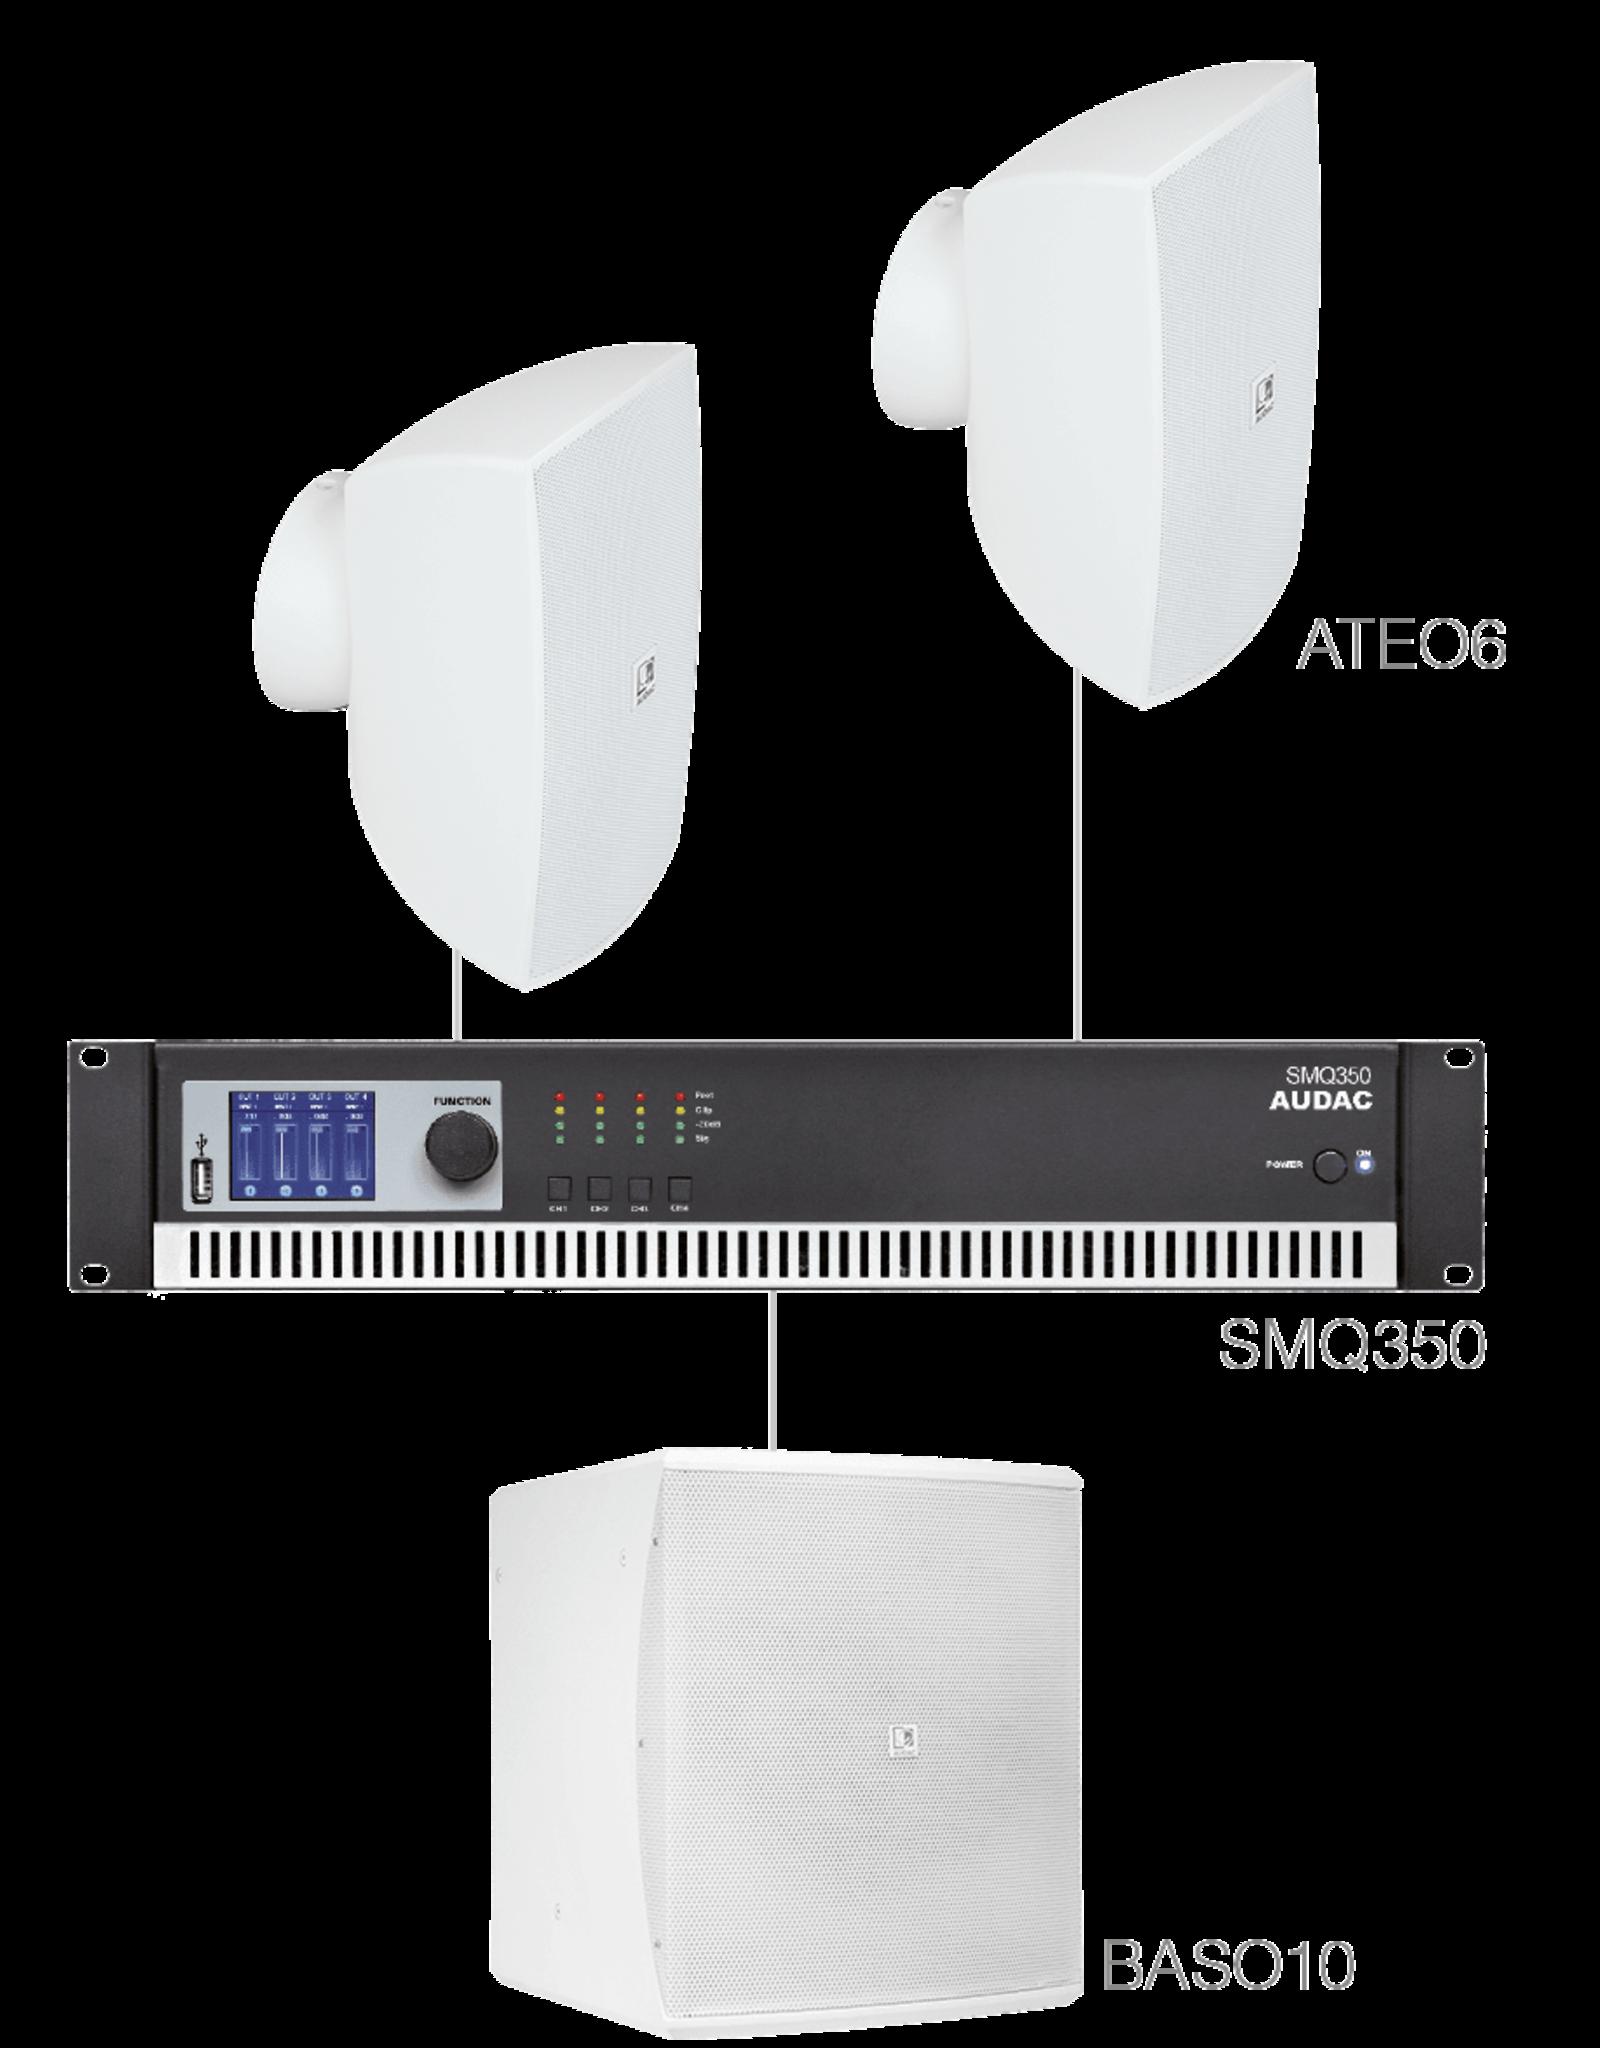 Audac 2 x ATEO6 + BASO10 + SMQ350 White version